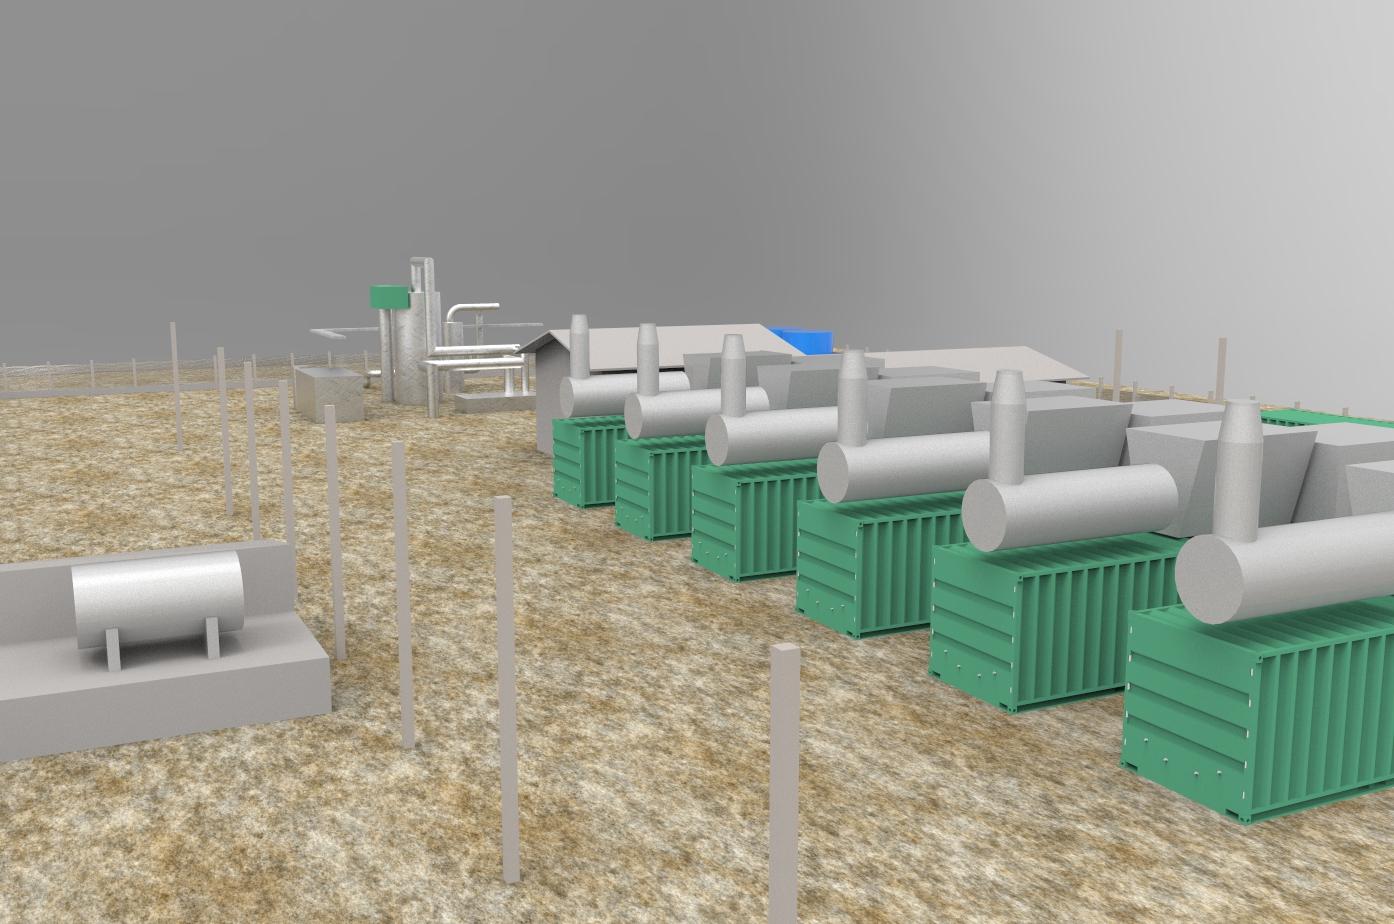 Projeto tridimensional do local para simulação de esfera rolante do sistema de proteção contra descargas atmosféricas